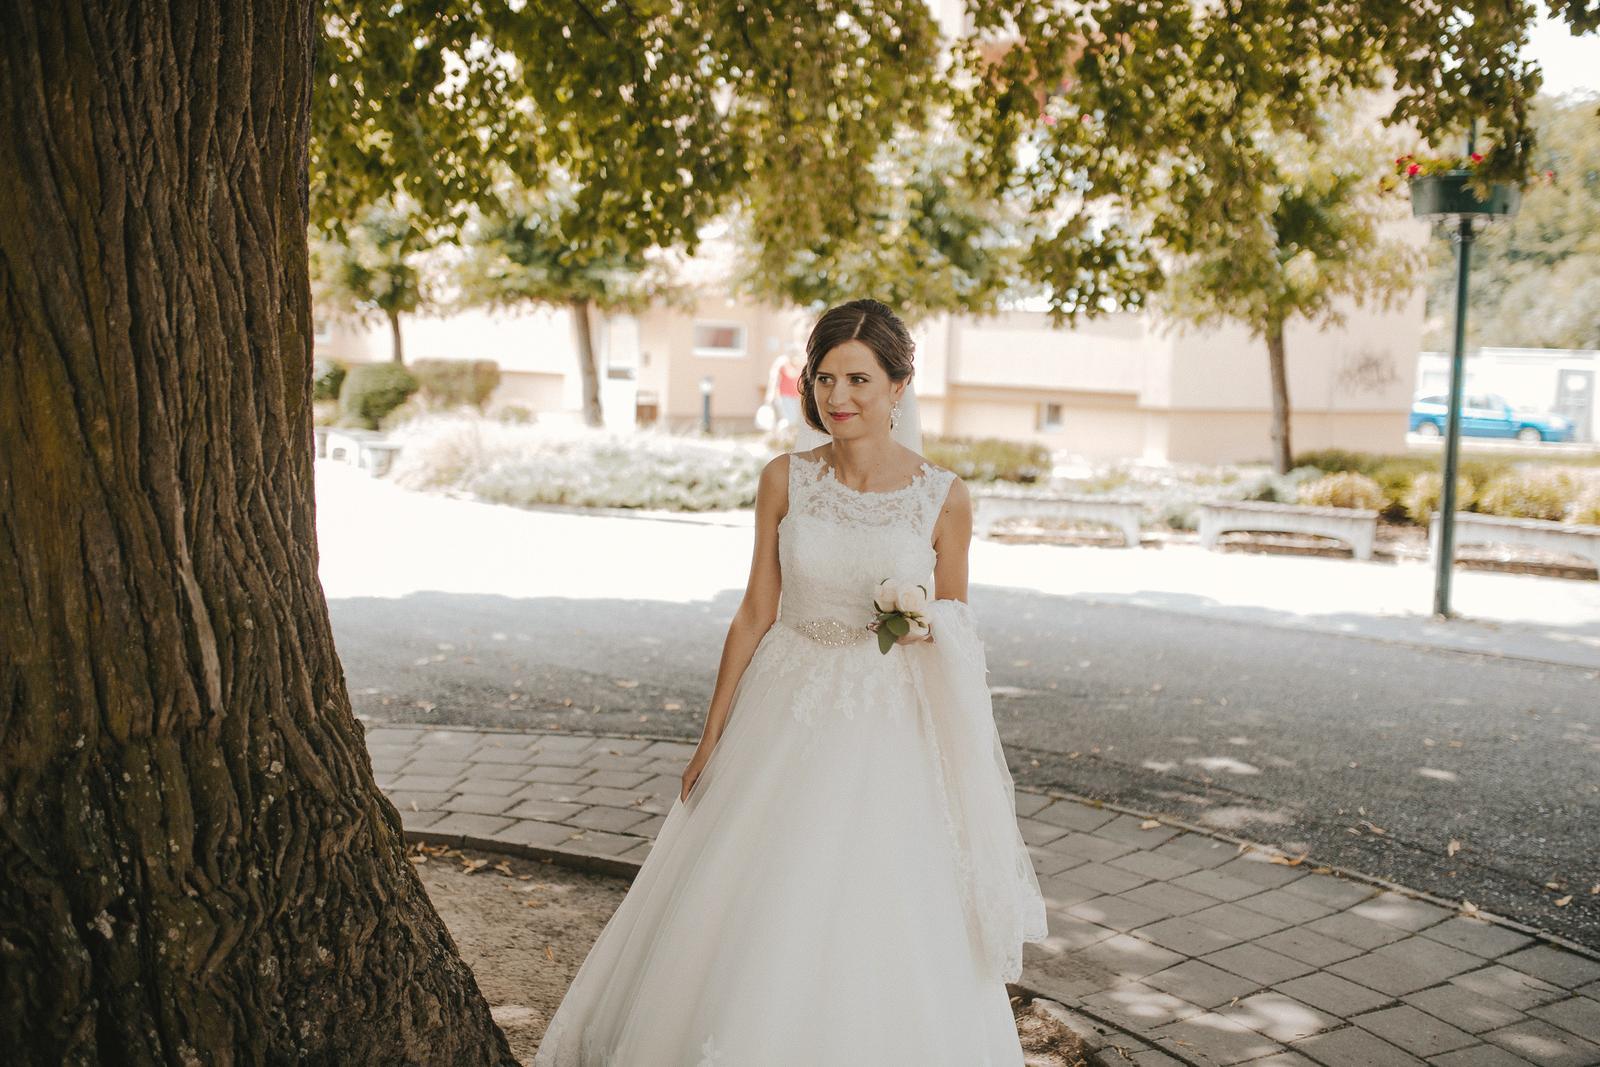 Svadobné šaty, veľkosť 34-36, farba ivory - Obrázok č. 2